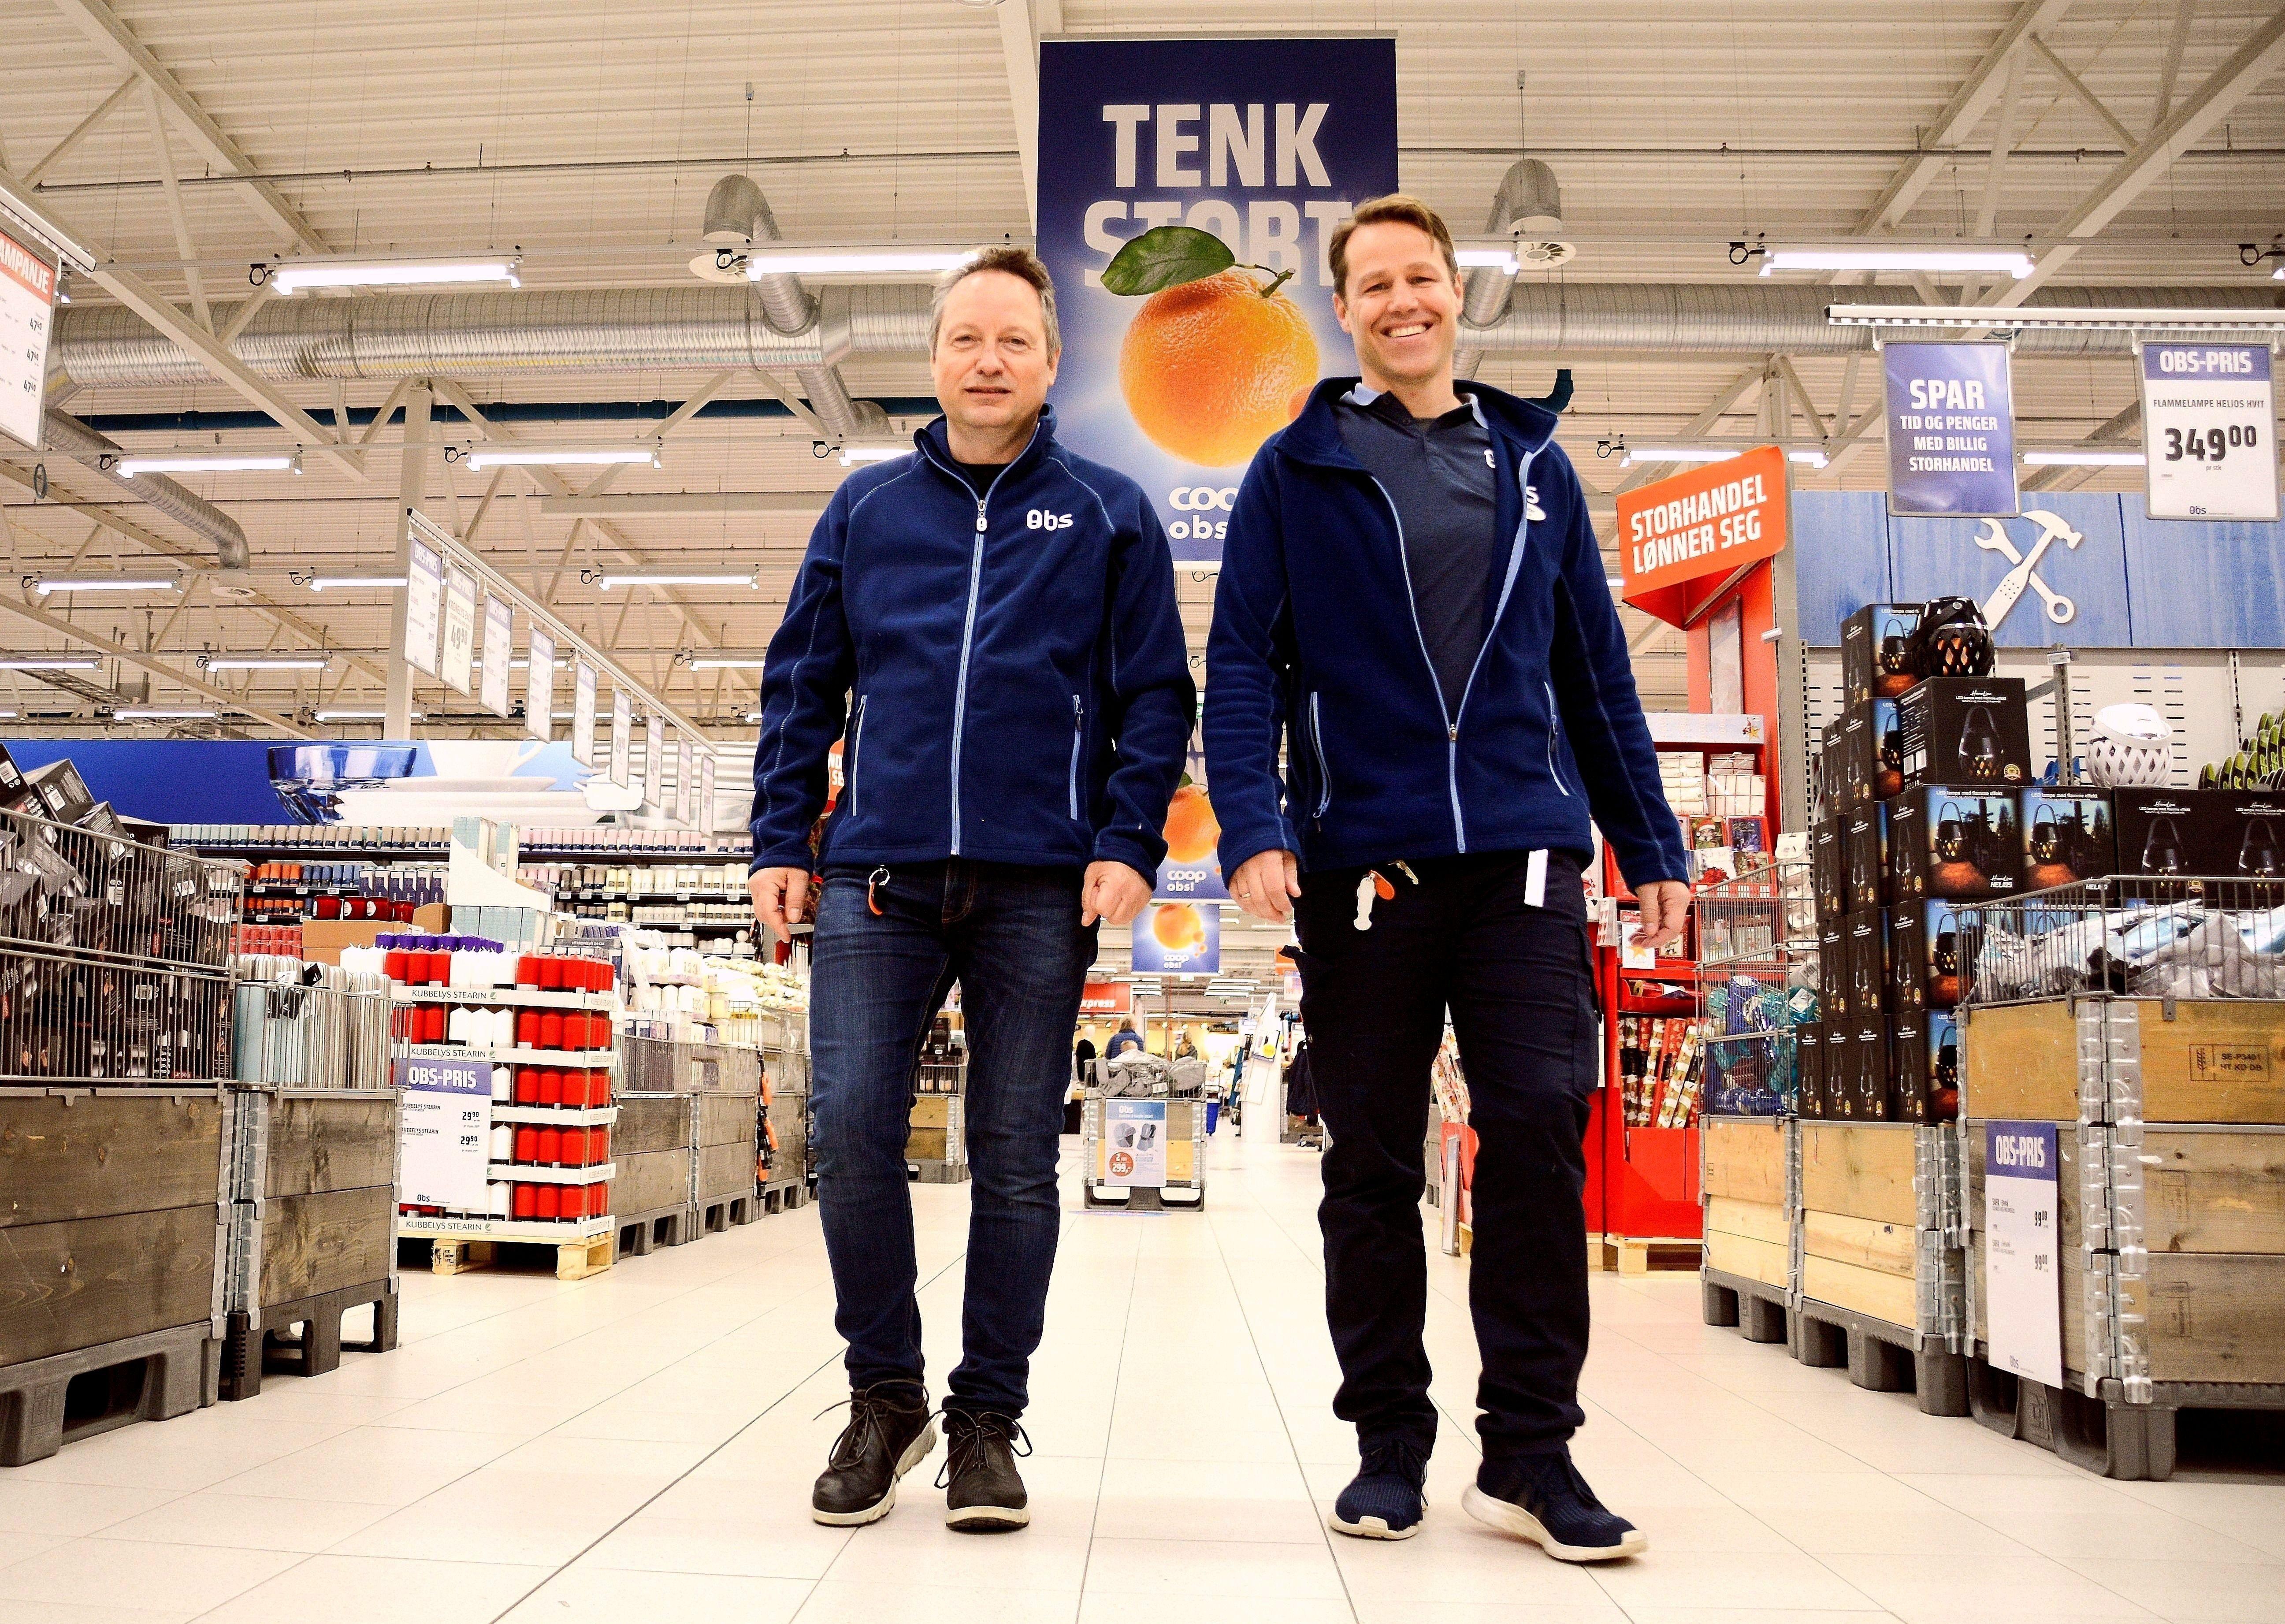 Den nye varehussjefen Stig Jensen (t.v) tar over for Paul Petter Nyhus Jenssen (avt. varehussjef). Begge ønsker deg velkommen til Obs Krokstadelva for en fin førjulshandel og ekstra gode tilbud under Black Week.